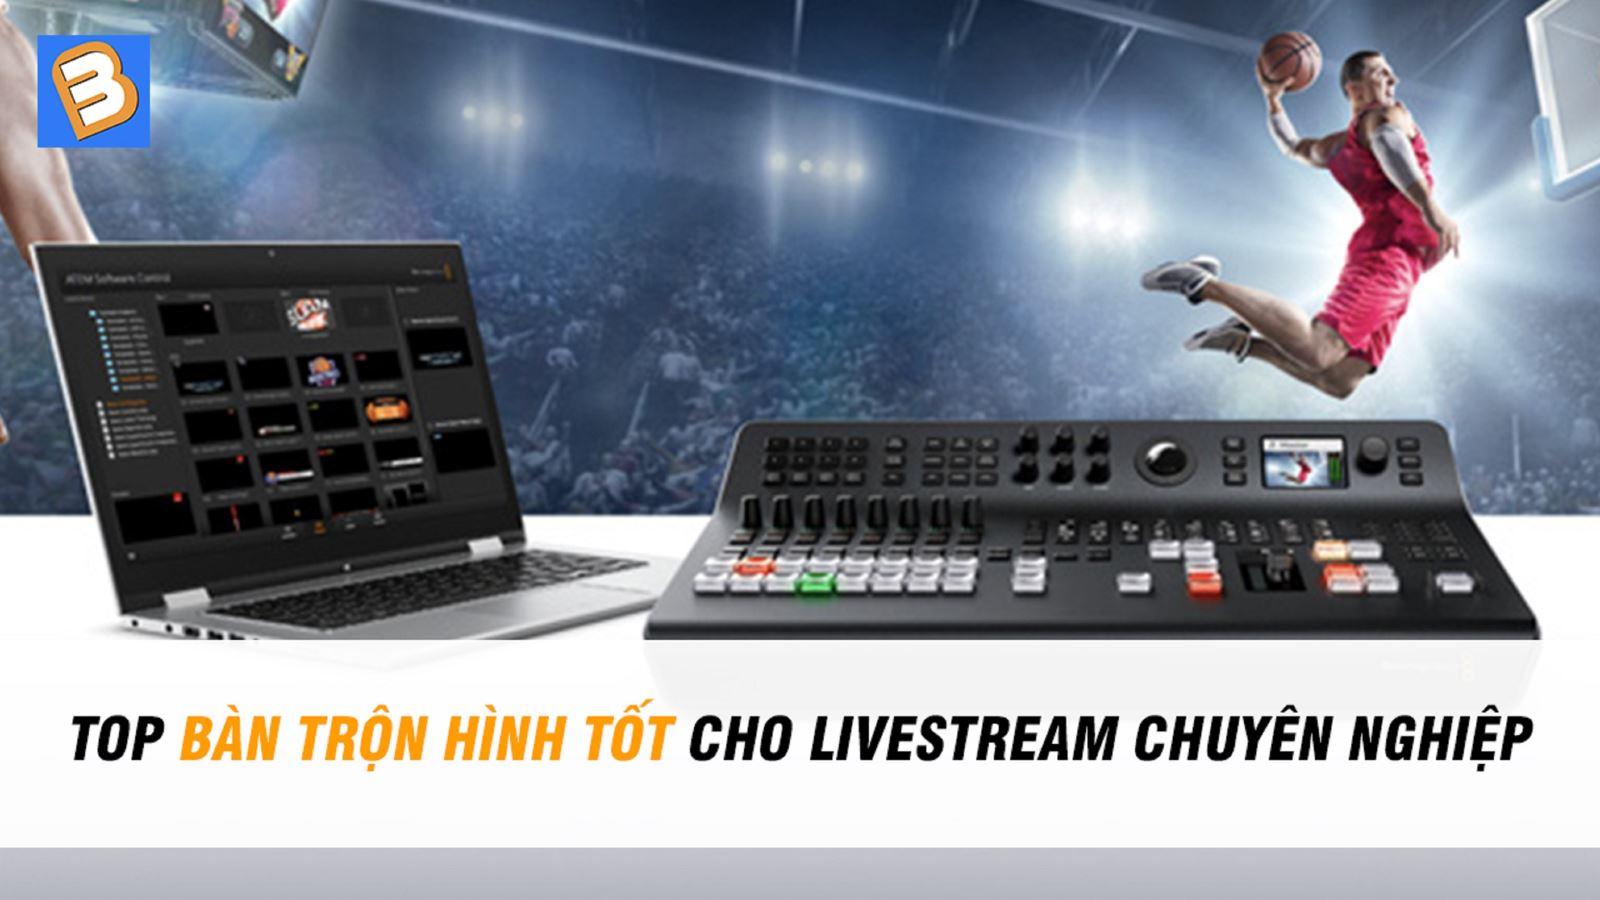 Top bàn trộn hình tốt cho livestream chuyên nghiệp